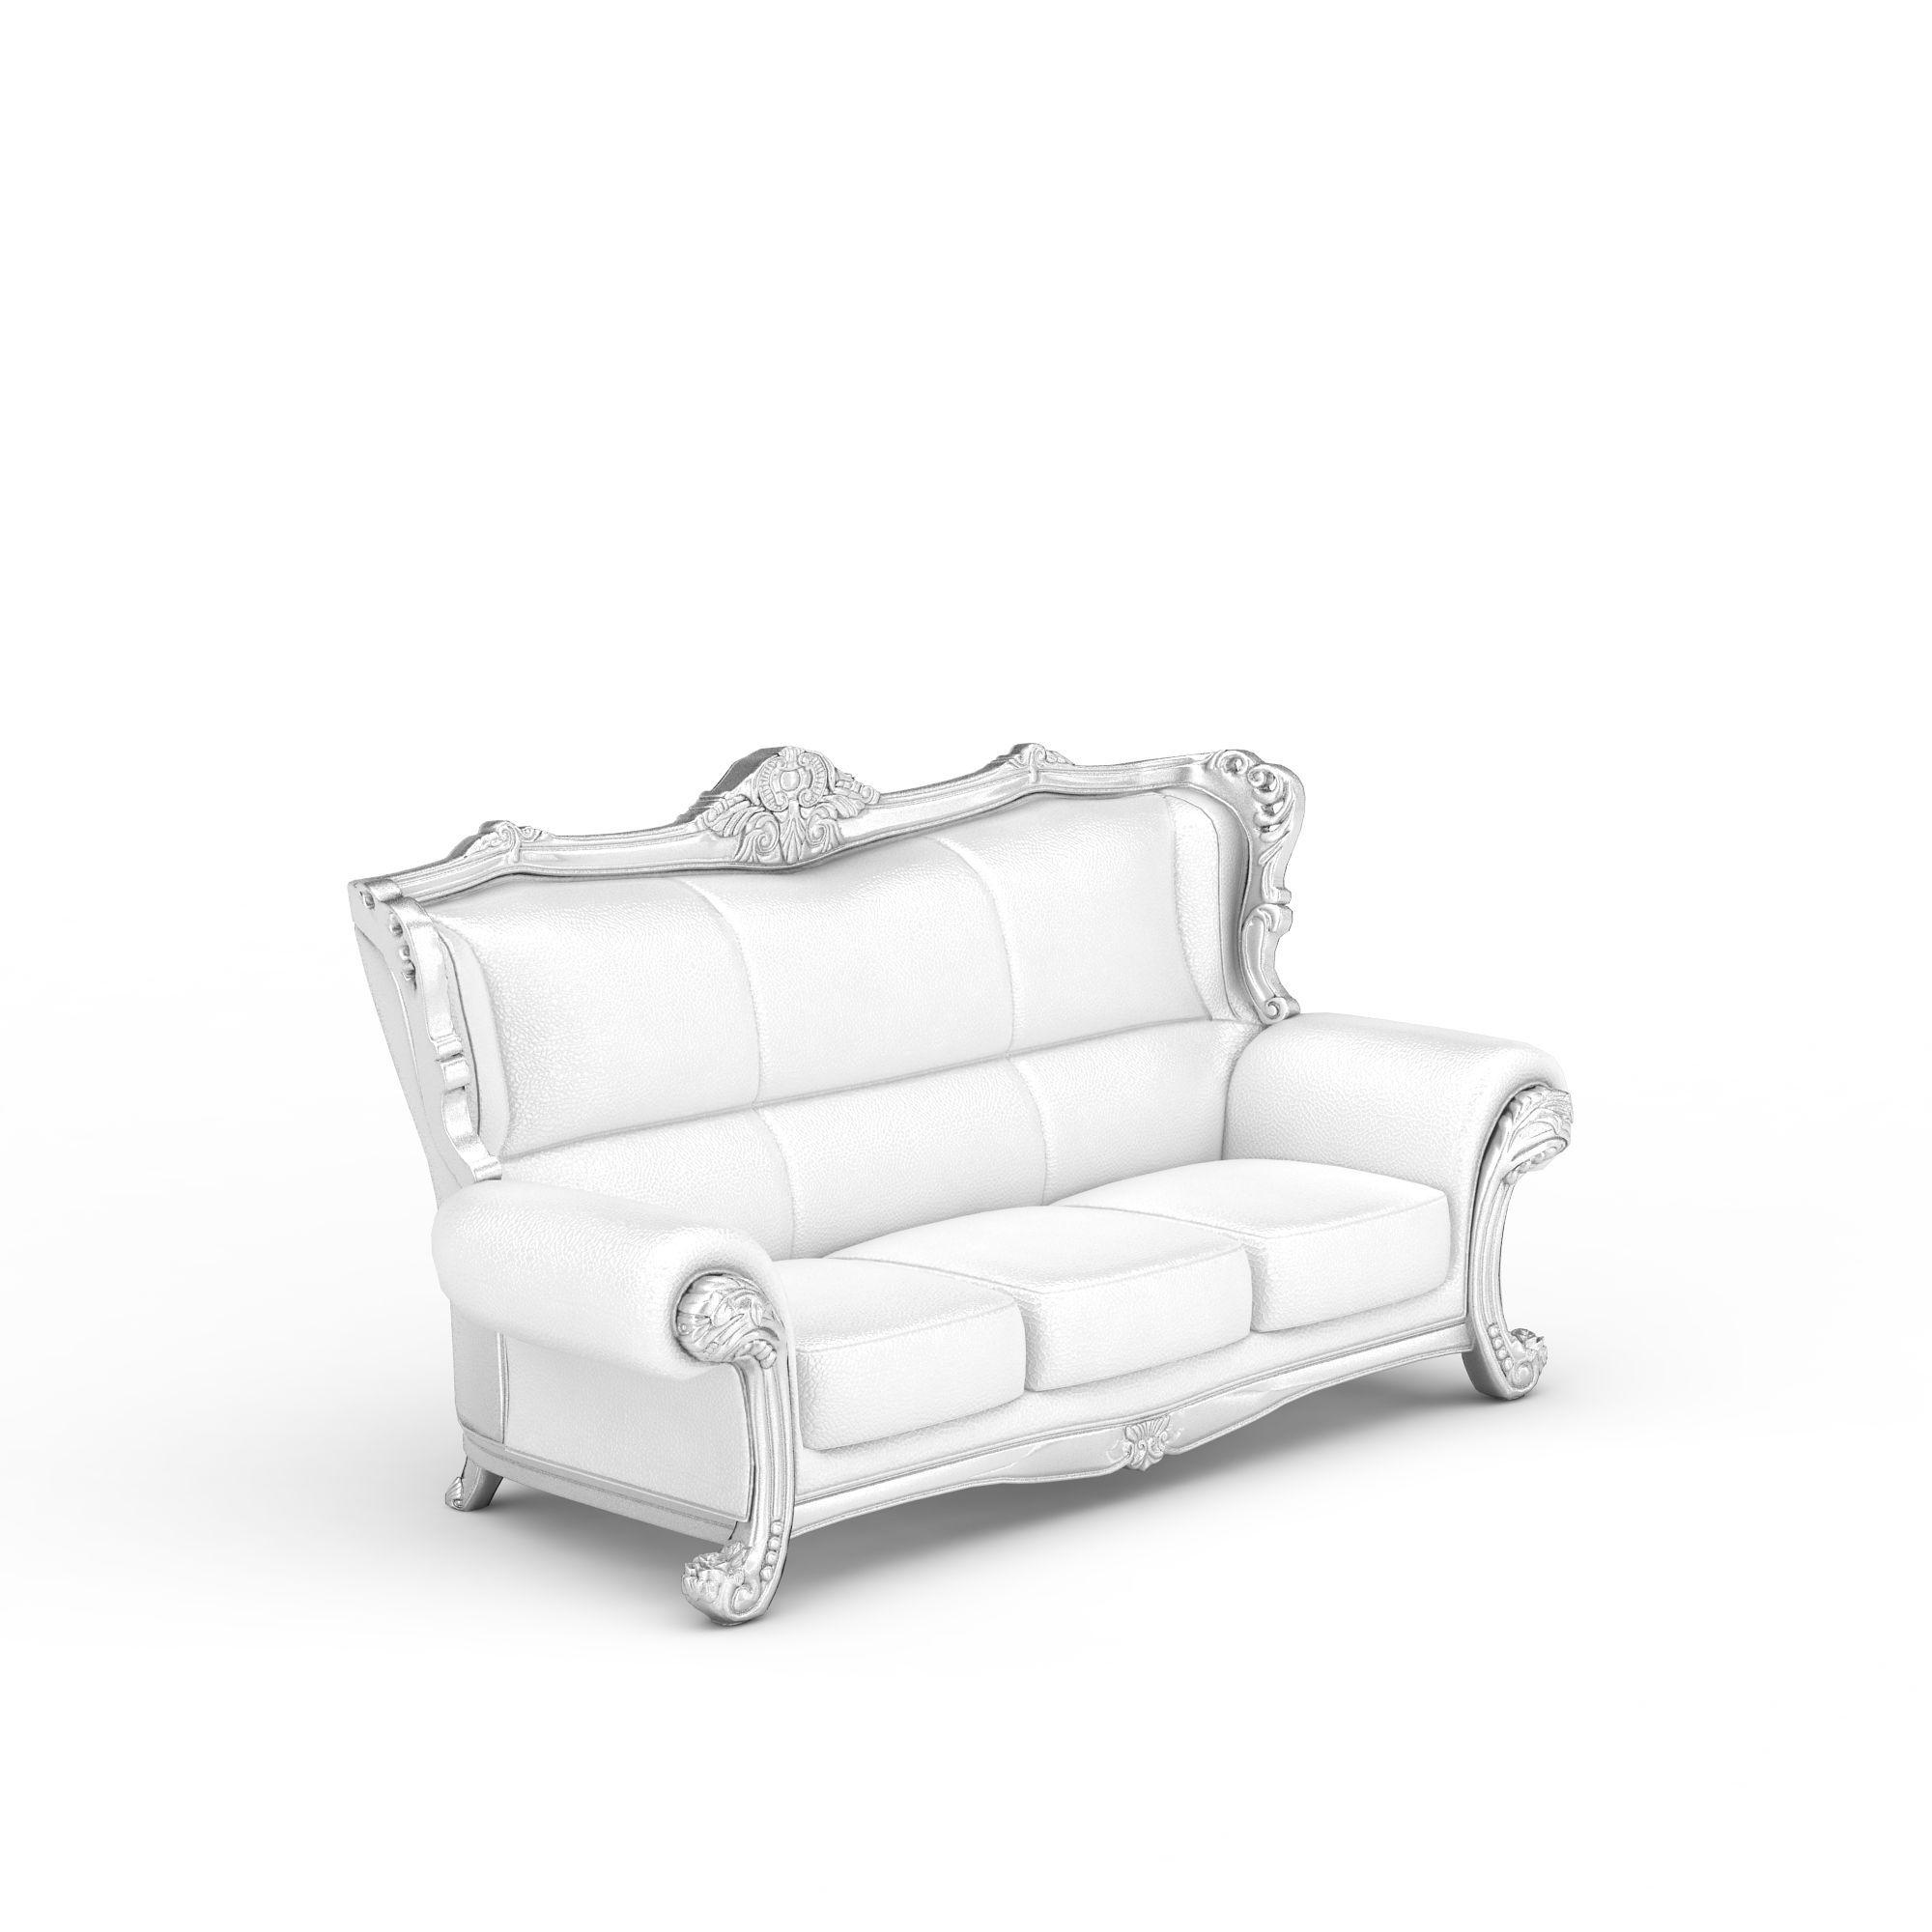 白色沙发3d模型 白色沙发png高清图  白色沙发高清图详情 设计师 3d